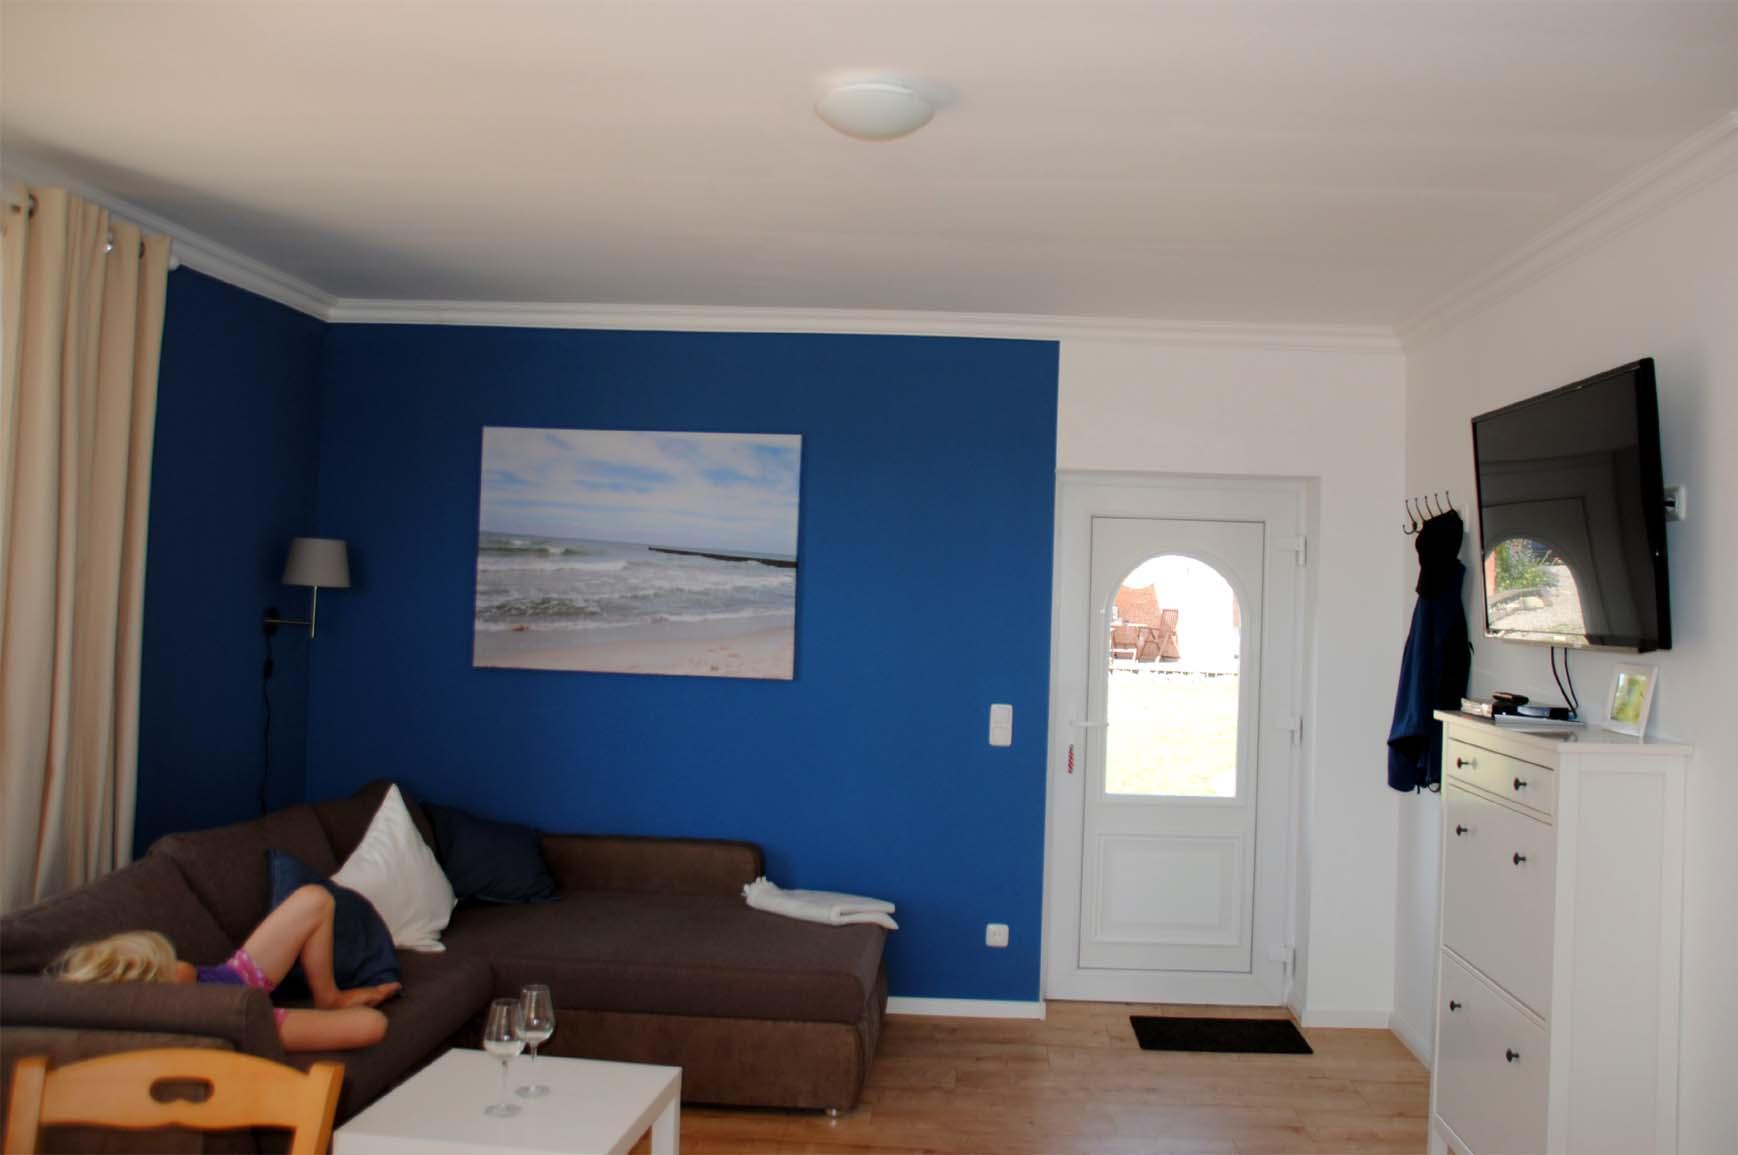 Ferienhaus Meeresbrise - Wohnzimmer